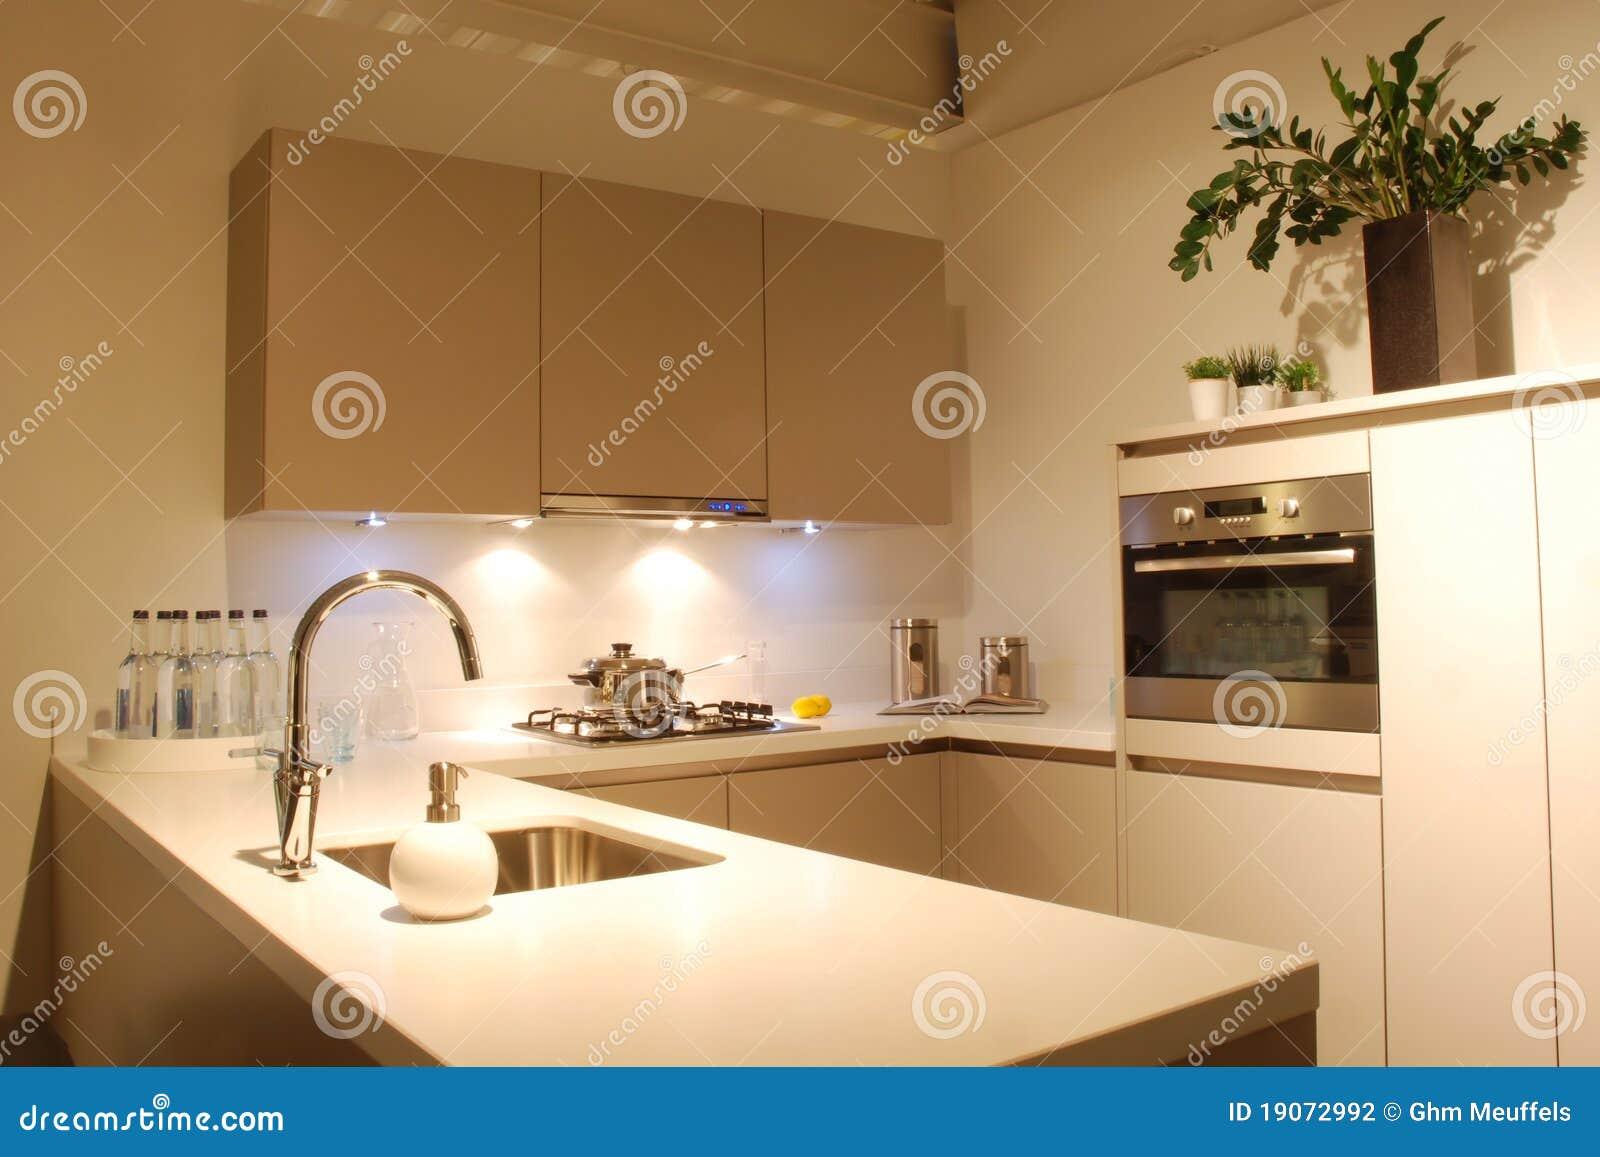 #A66F25 Cozinha Do Projeto Moderno Marrom branca Fotografia de Stock Imagem  1300x957 px Projeto Cozinha Branca_4110 Imagens